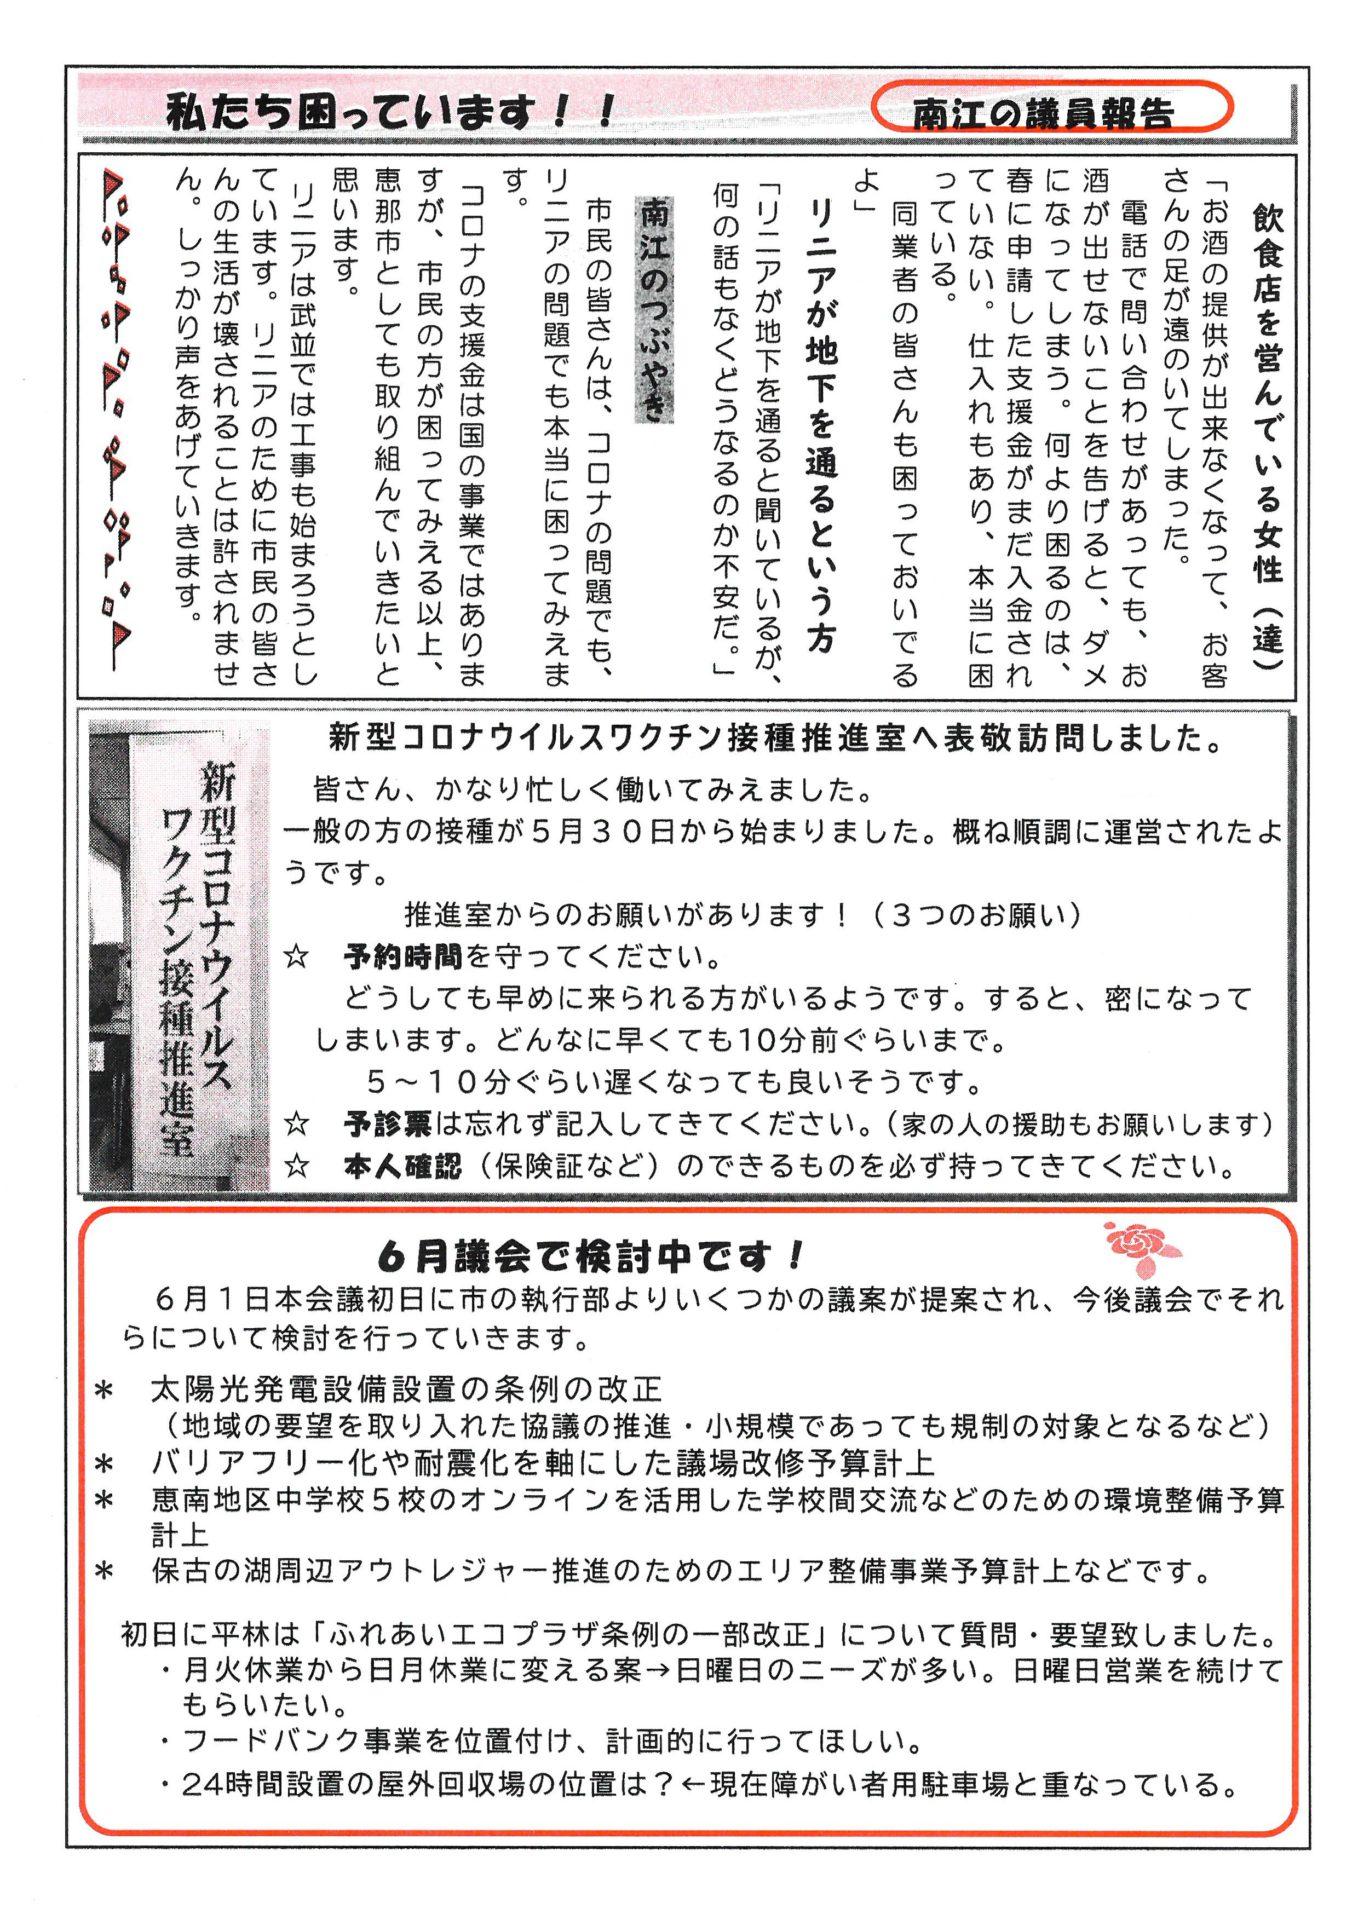 どくしゃニュース多津子と南江の議員報告 6月6日号